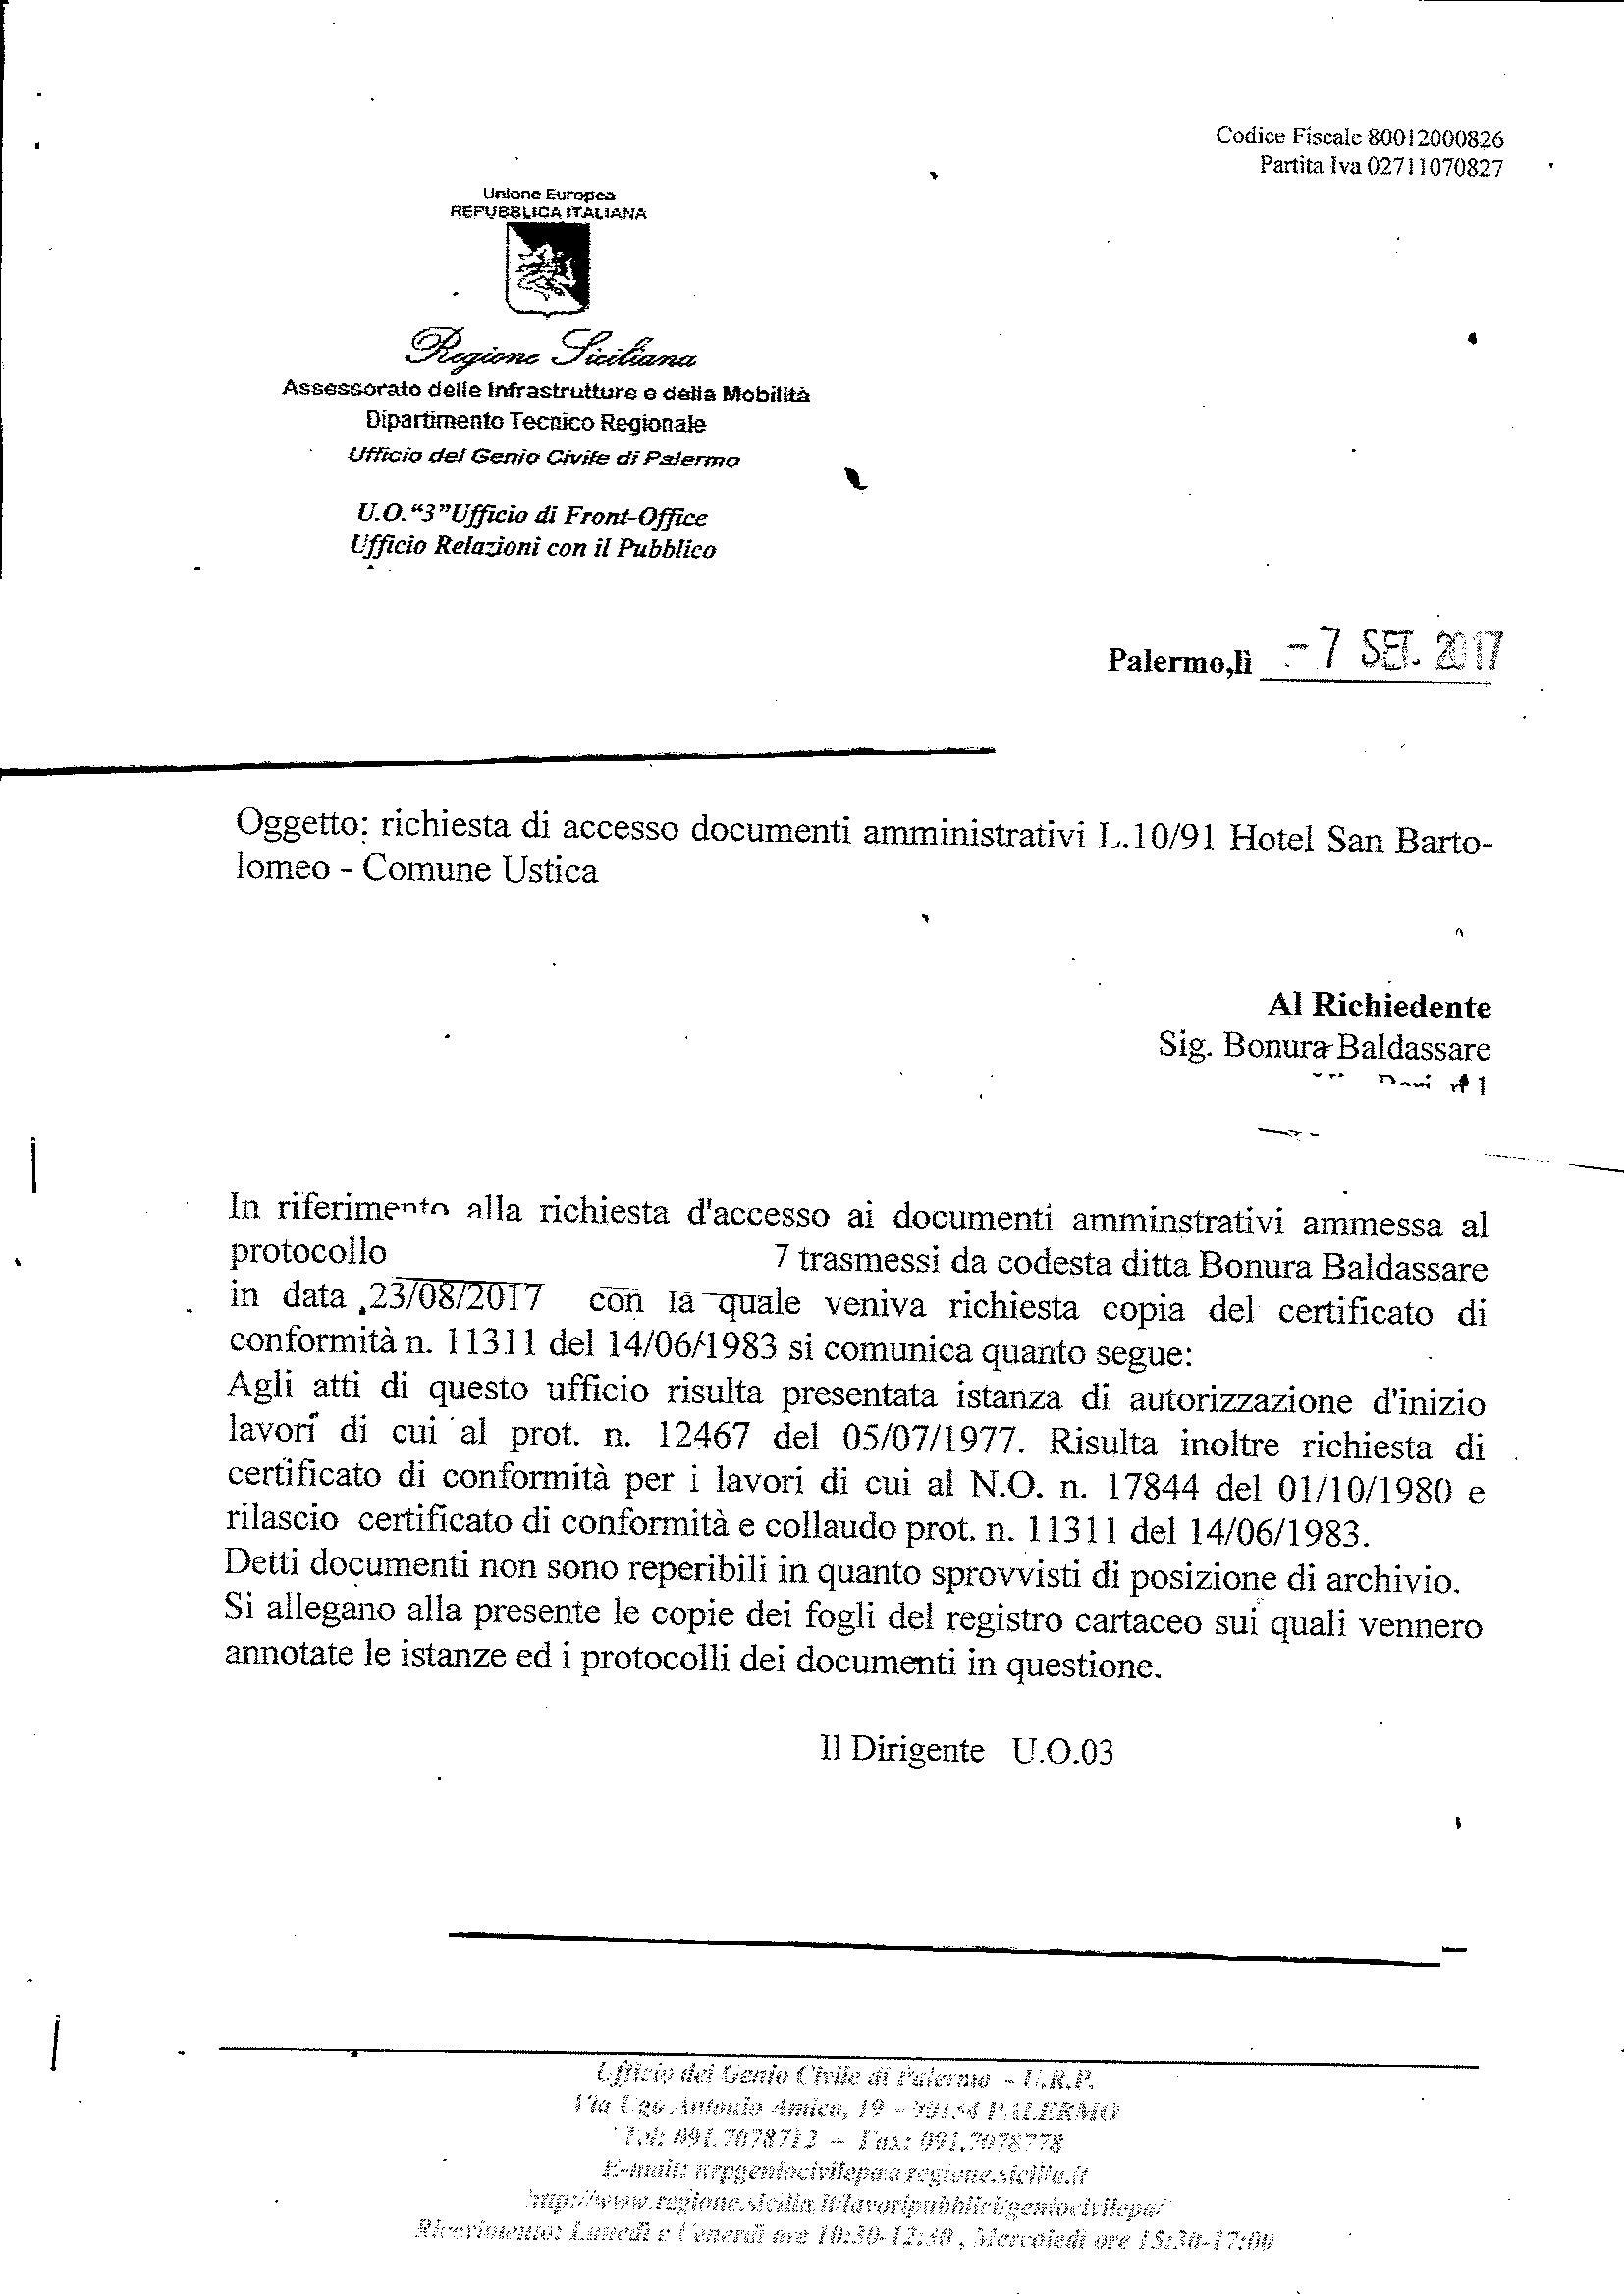 Accesso Atti presso il Genio Civile di Palermo 7 settembre 2017